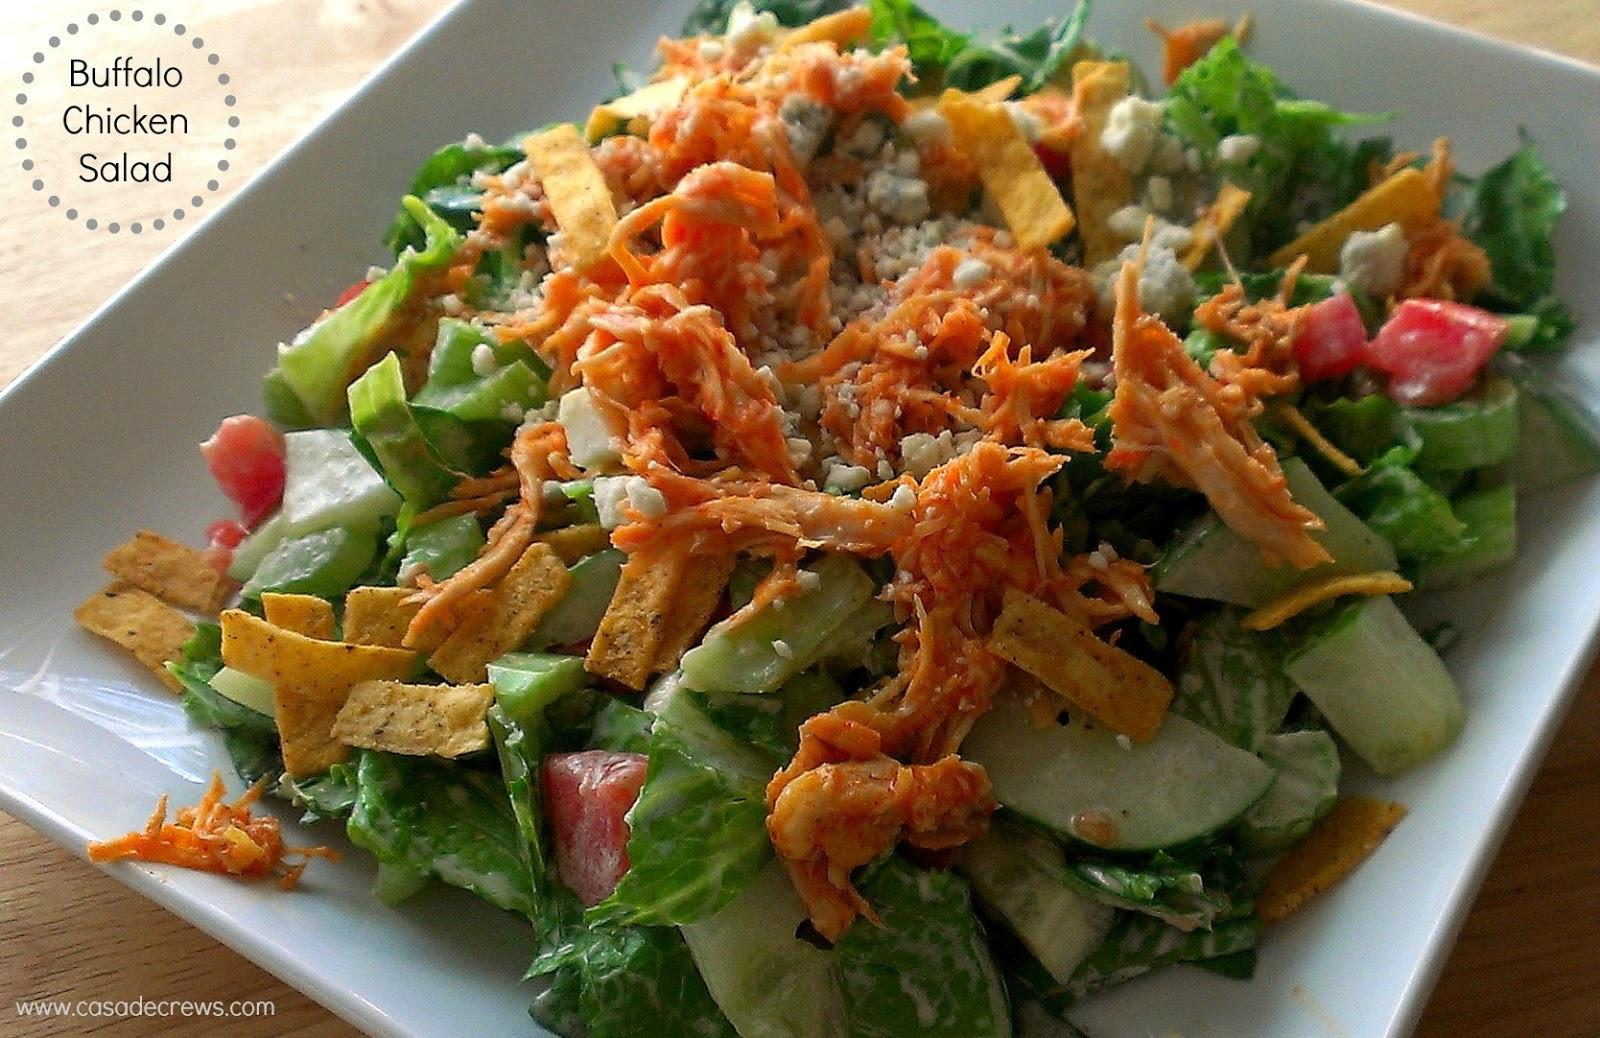 Buffalo Chicken Salad  Shredded Buffalo Chicken Salad for SundaySupper Casa de